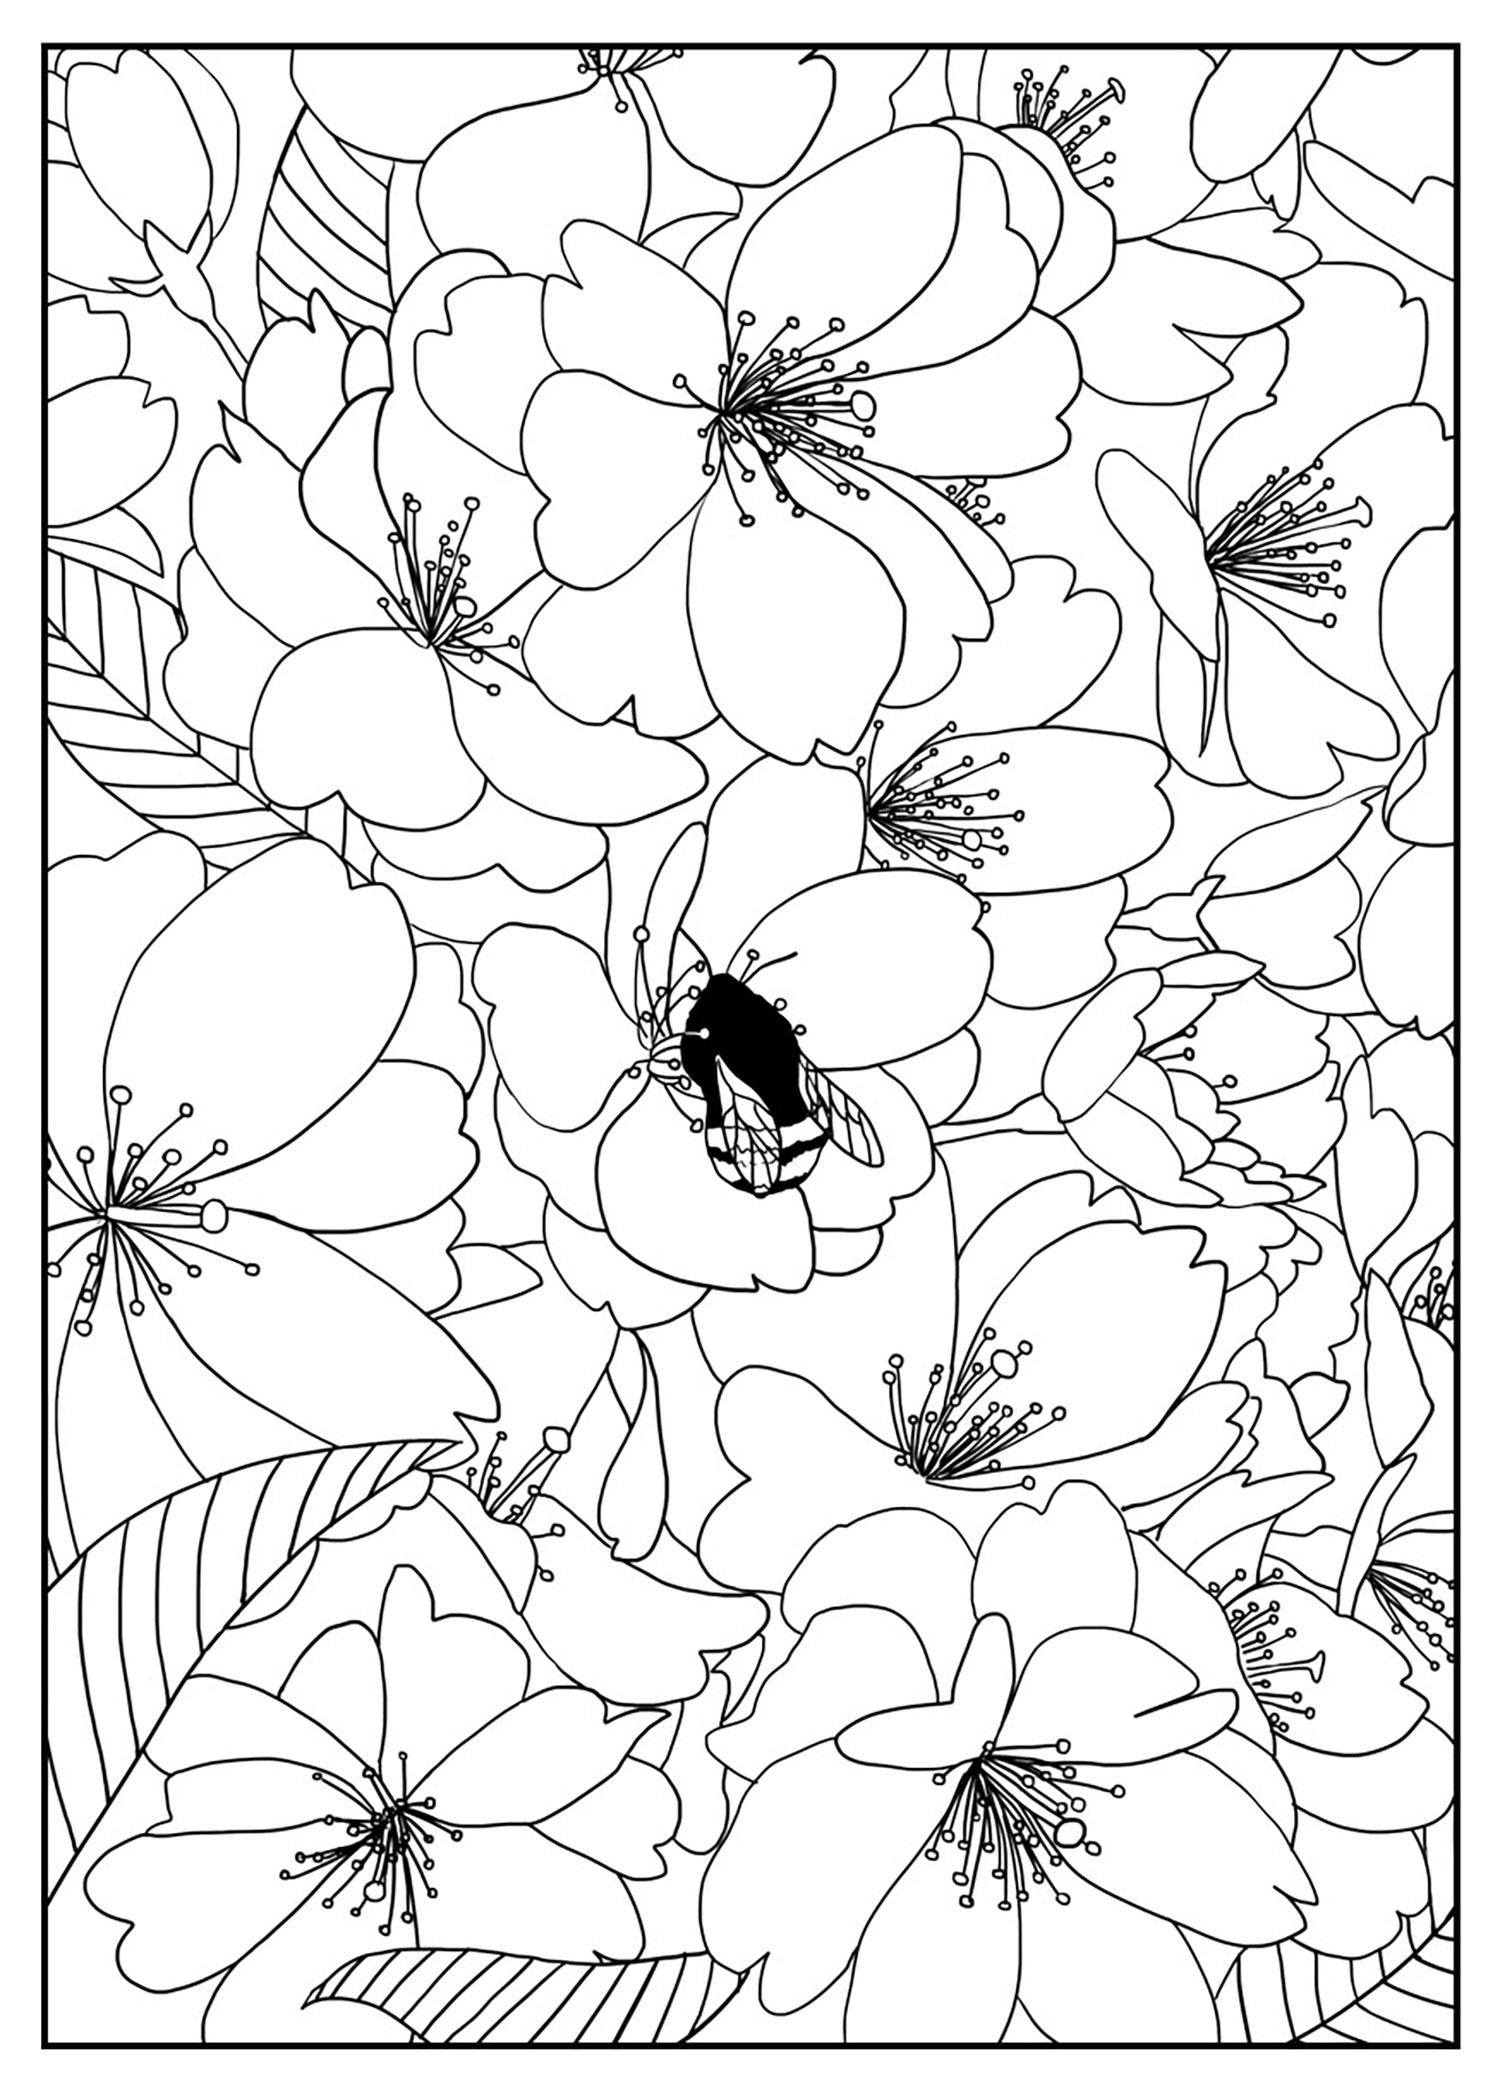 Cerisier Coloriage exclusif A partir de la galerie Fleurs Et Ve ation